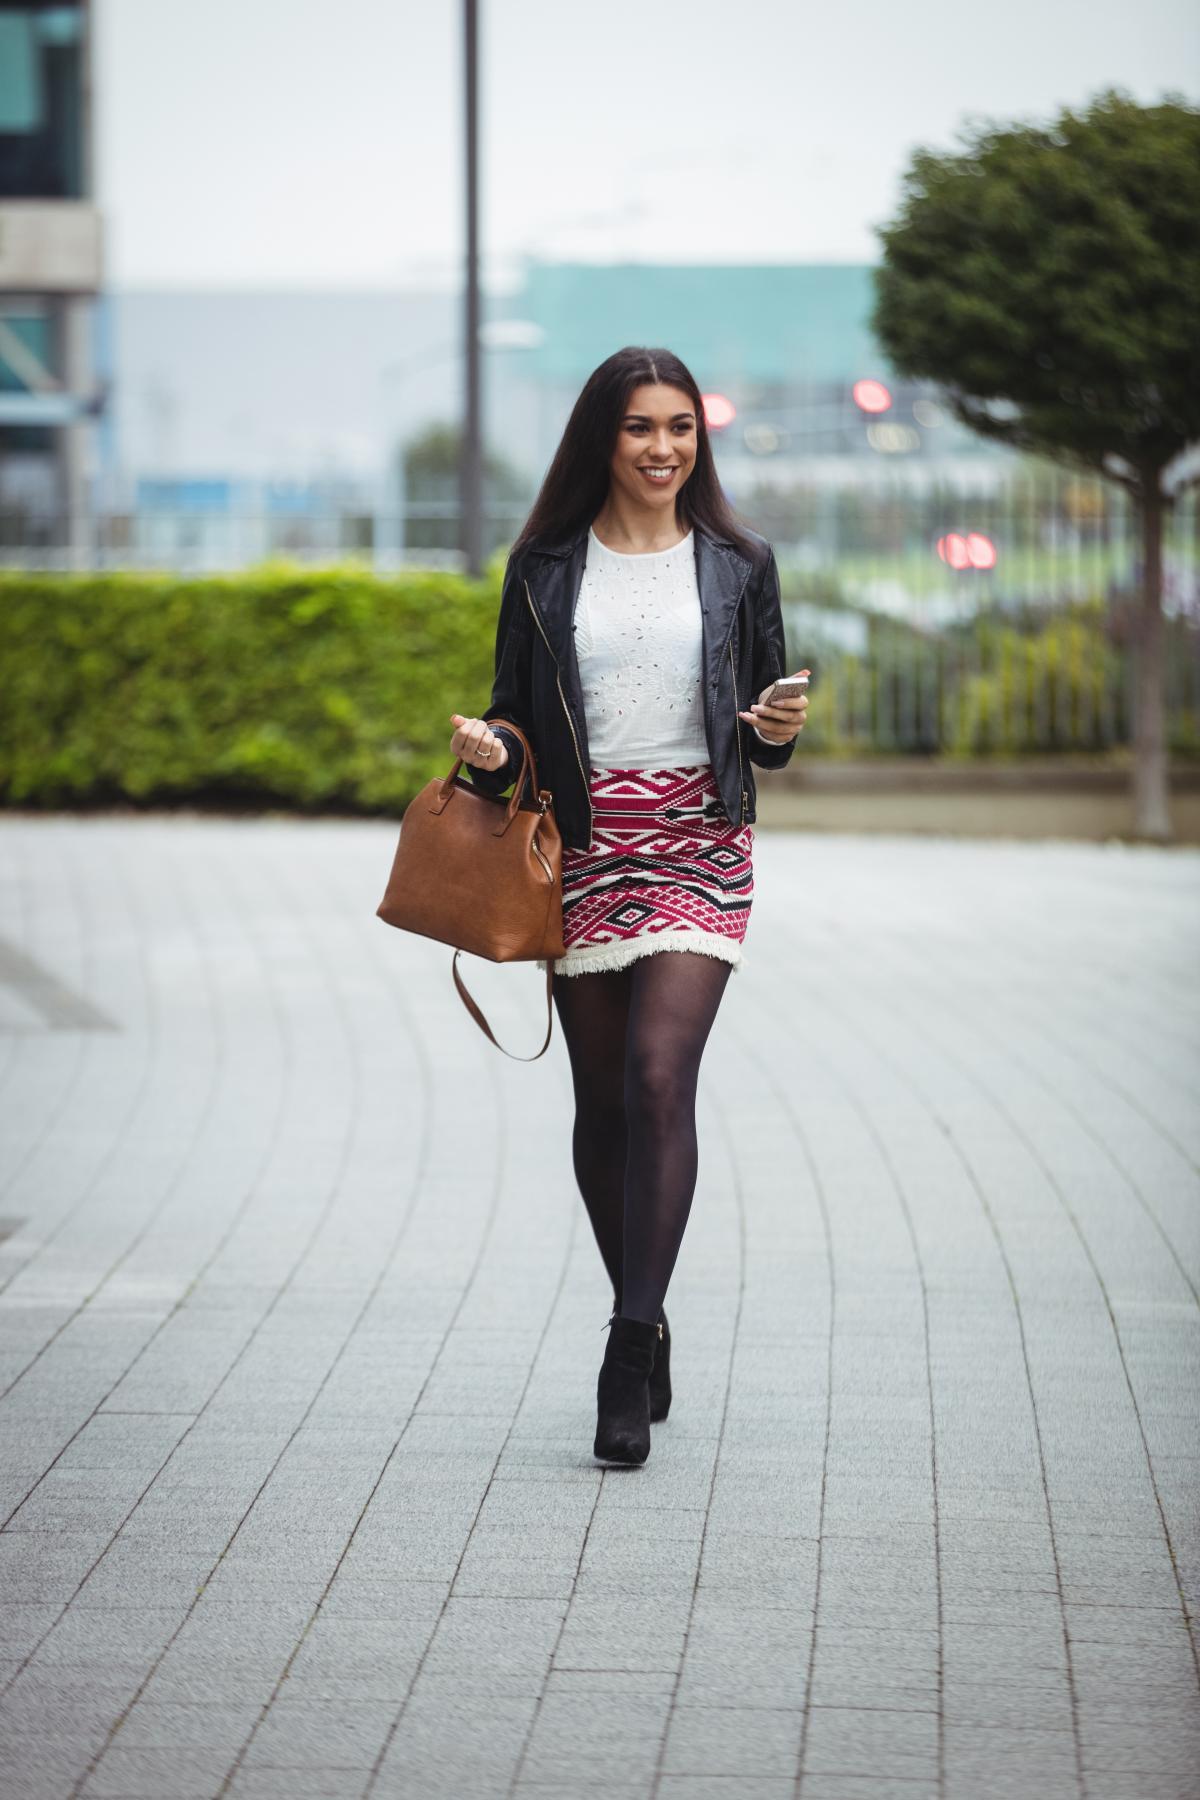 Woman walking in office premises